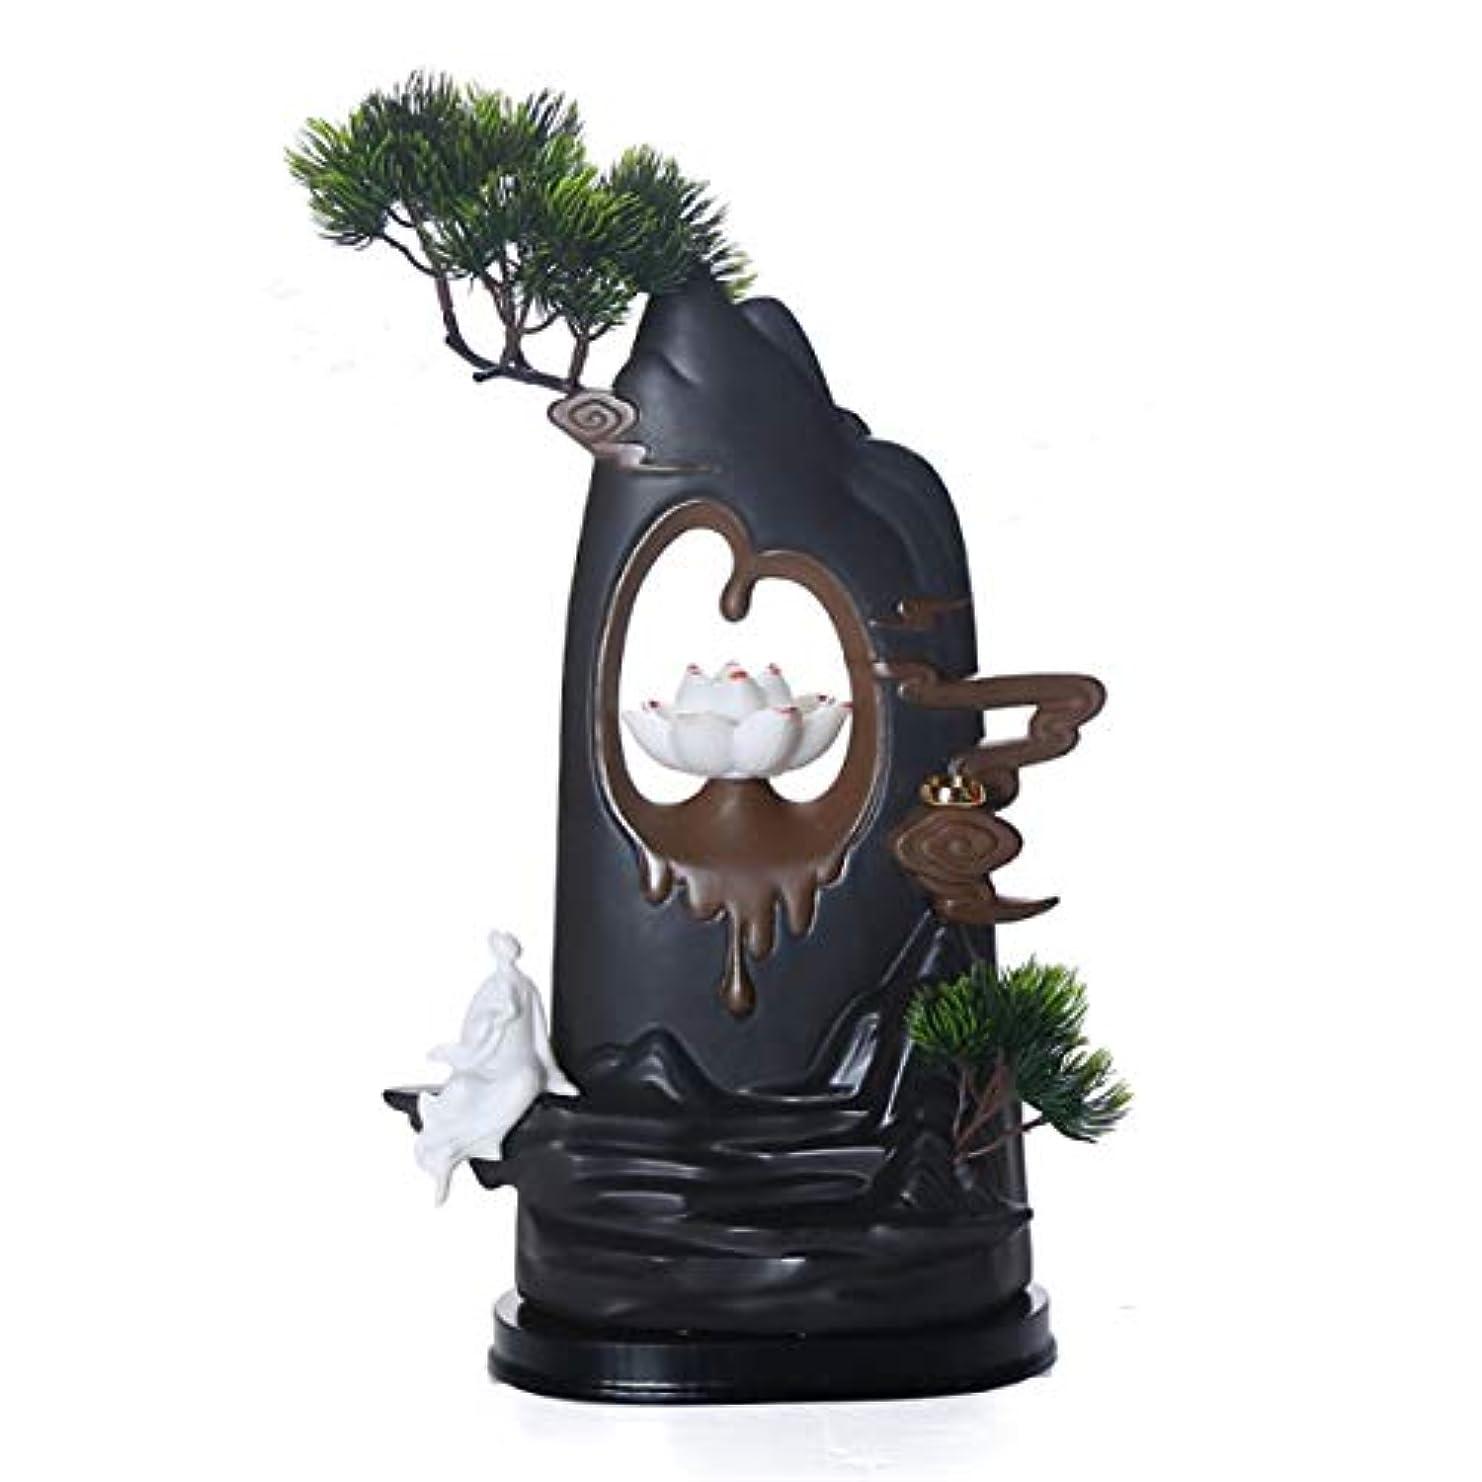 特異な亡命実際の香炉LEDグローイングセラミック香コーンバーナー香スティックホルダー逆流香バーナーコーン香ホルダーホームデコレーションギフト逆流香ホルダー